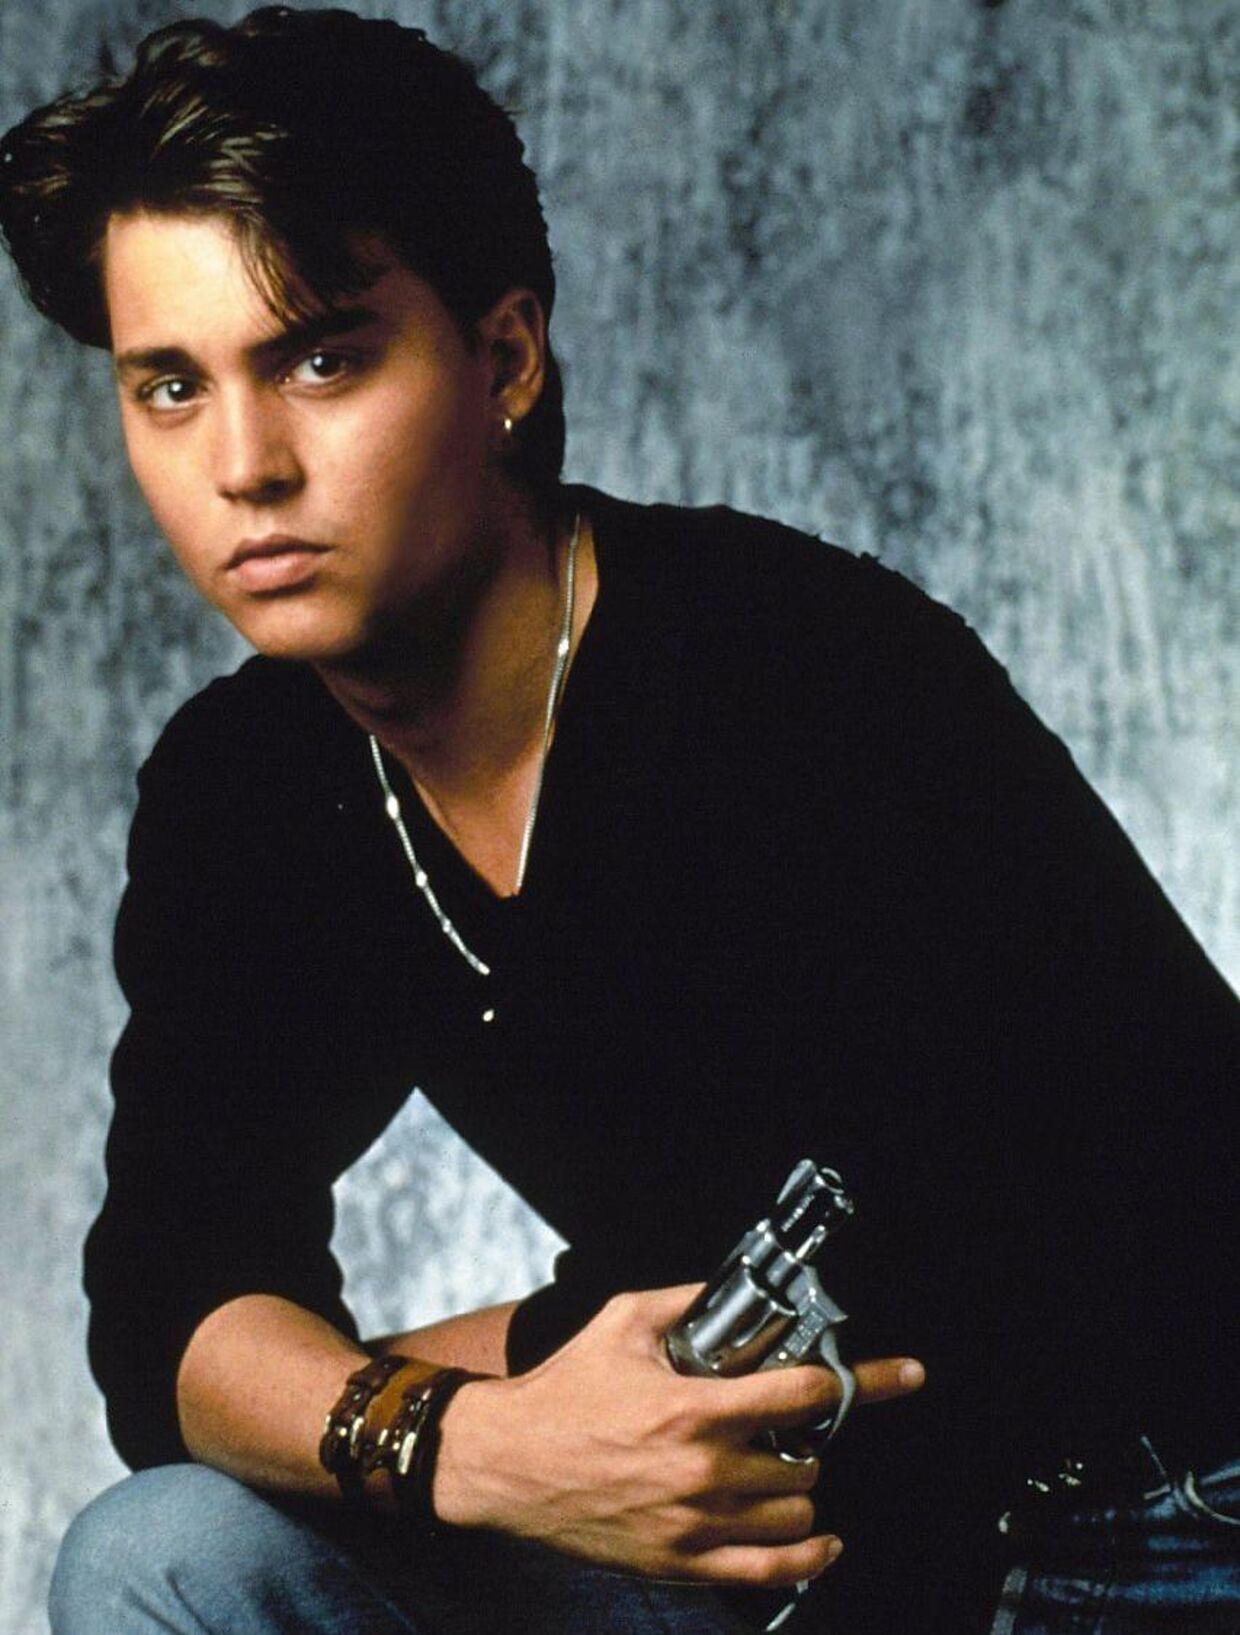 Ung og smuk: Johnny Depp her fotograferet i 1987 i forbindelse med premieren på '21 Jump Street'.